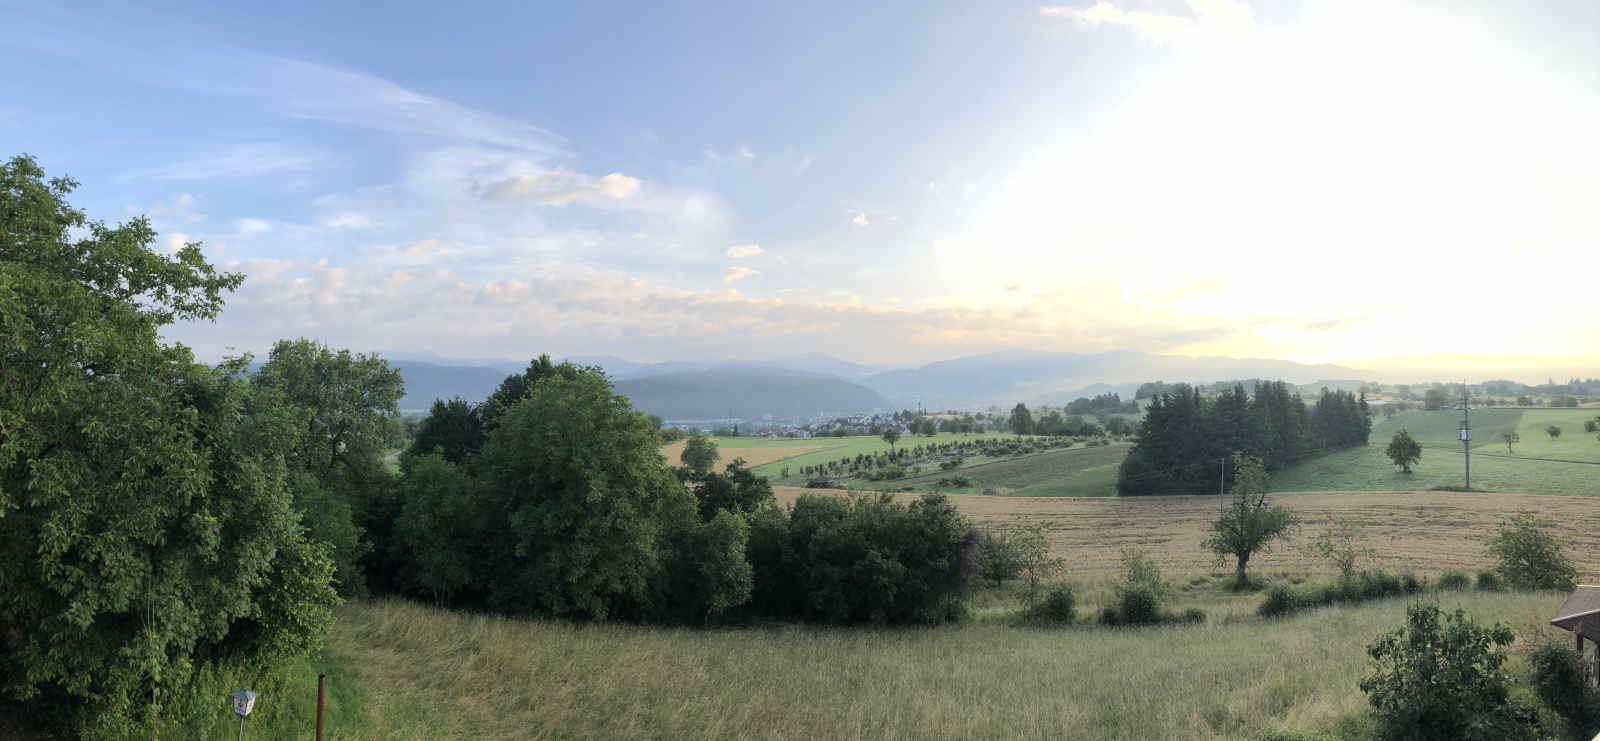 """Ob im Westen die Region südlich von Freiburg bis zum Hochrhein oder im Osten nördlich von Villingen-Schwenningen bis zum Bodensee: Gesteuert von der ED-Netze-Verbundleitstelle, kümmern sich rund 350 Mitarbeiter um die Versorgungssicherheit im Netzgebiet des südbadischen Netzbetreibers. Dazu zählen auch die """"fliegenden"""" Leitungskontrolleure: Den Multikopter-Steuerern präsentieren sich andere Details als der """"Bodenkontrolle"""" – und Aussichten."""